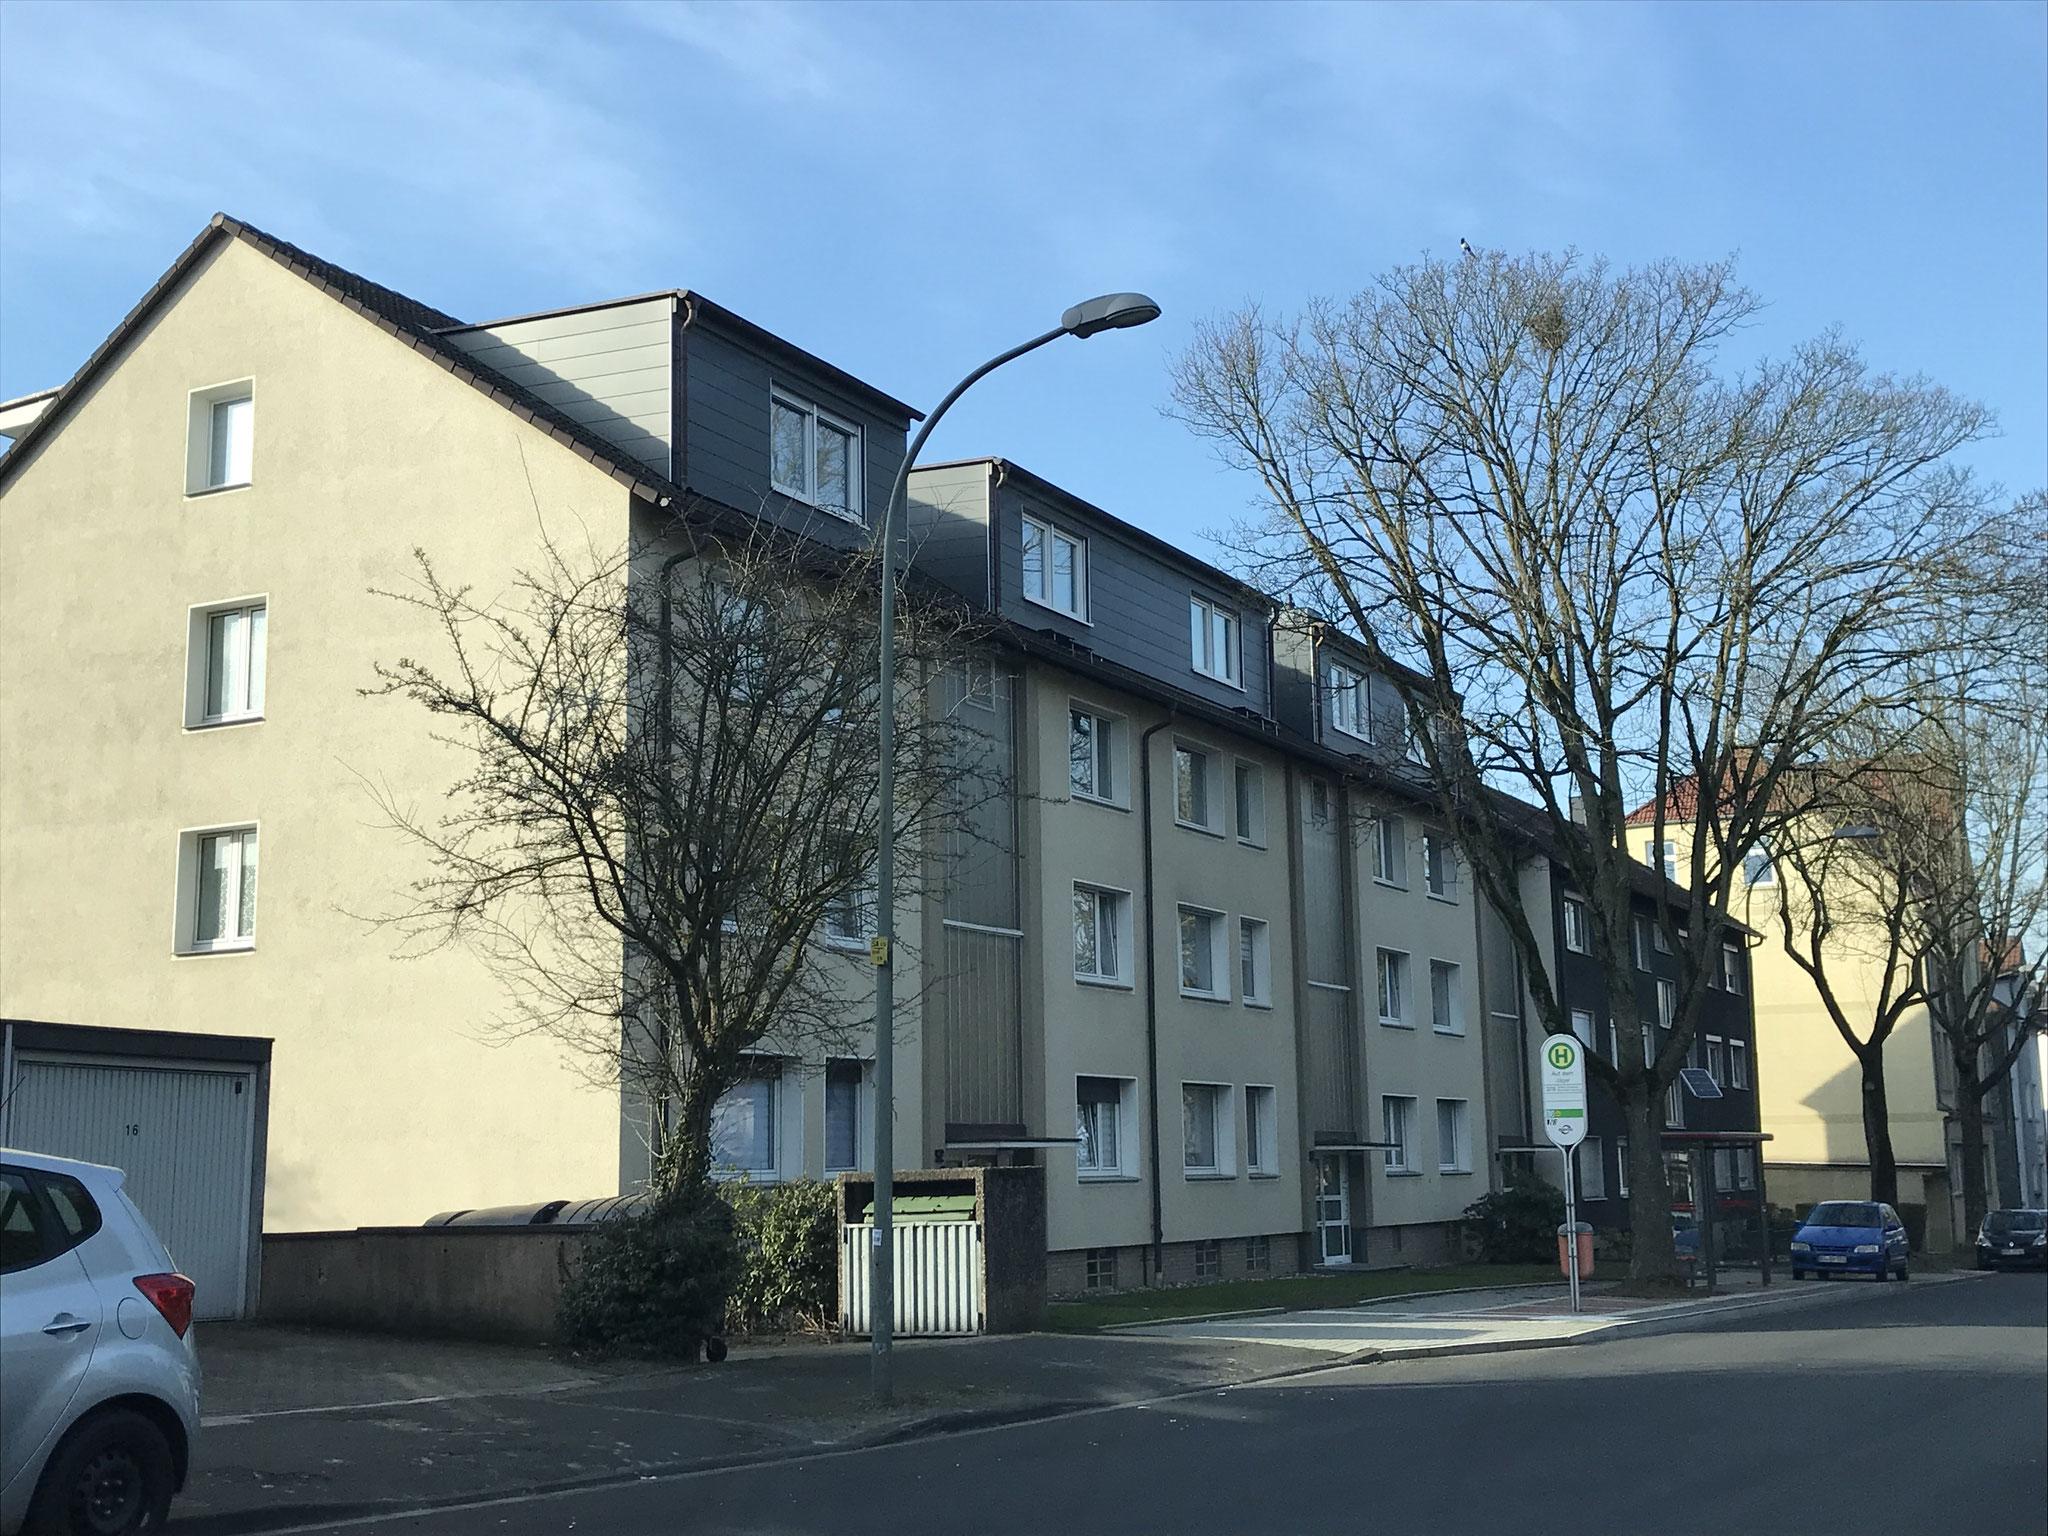 Gauben mit Rockpanel verkleidet in Bochum-Langendreer